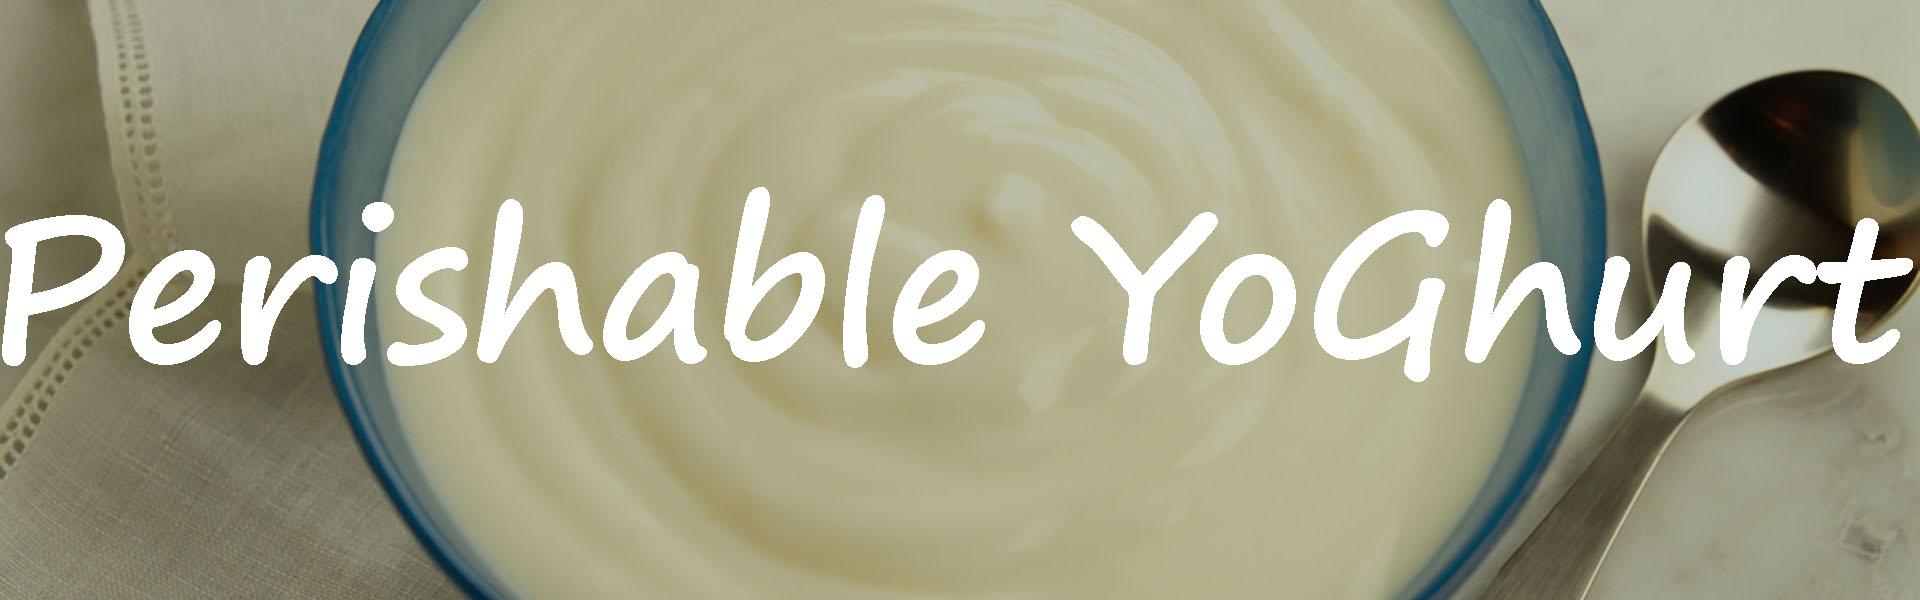 web-ready-perishable-yoghurt-2